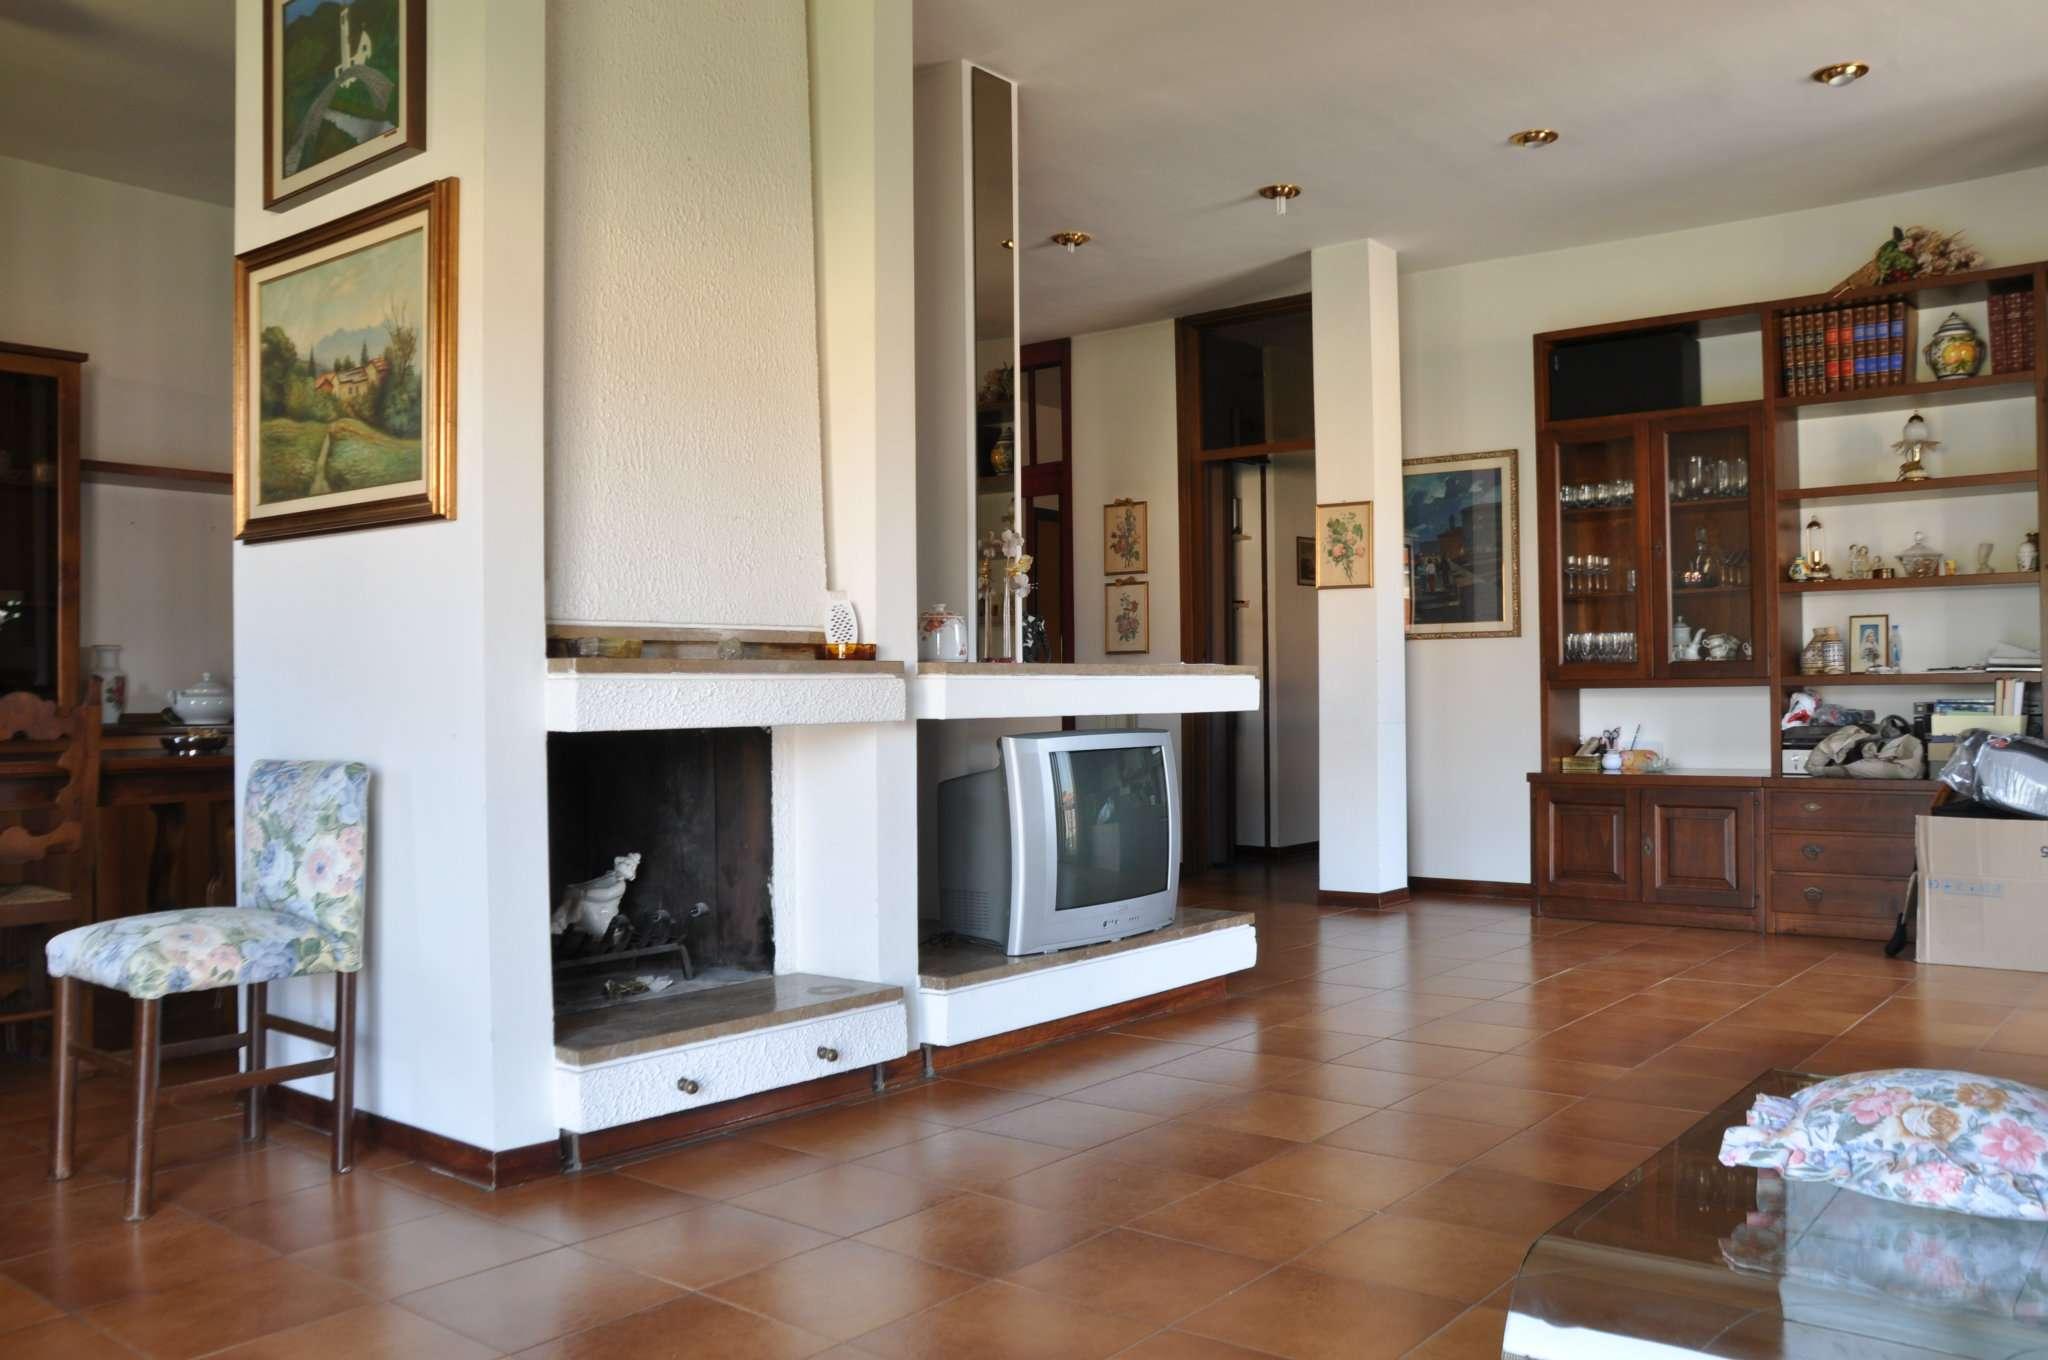 Appartamento in vendita a Quarrata, 5 locali, prezzo € 215.000 | CambioCasa.it